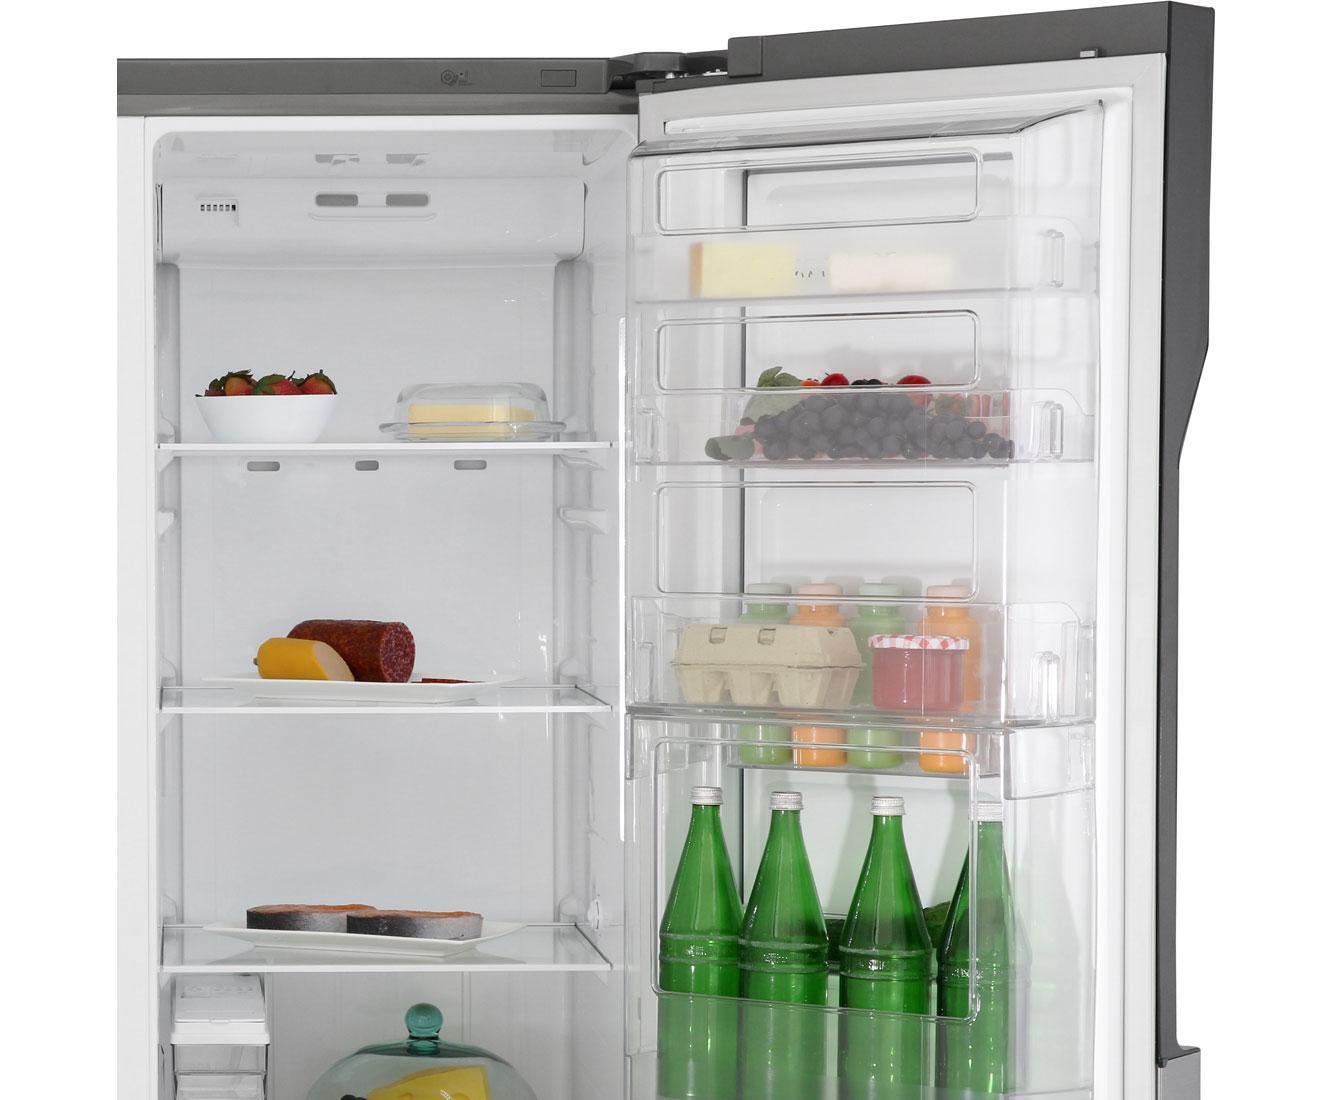 Amerikanischer Kühlschrank Wassertank : Amerikanischer kühlschrank wassertank side by side kühlschrank